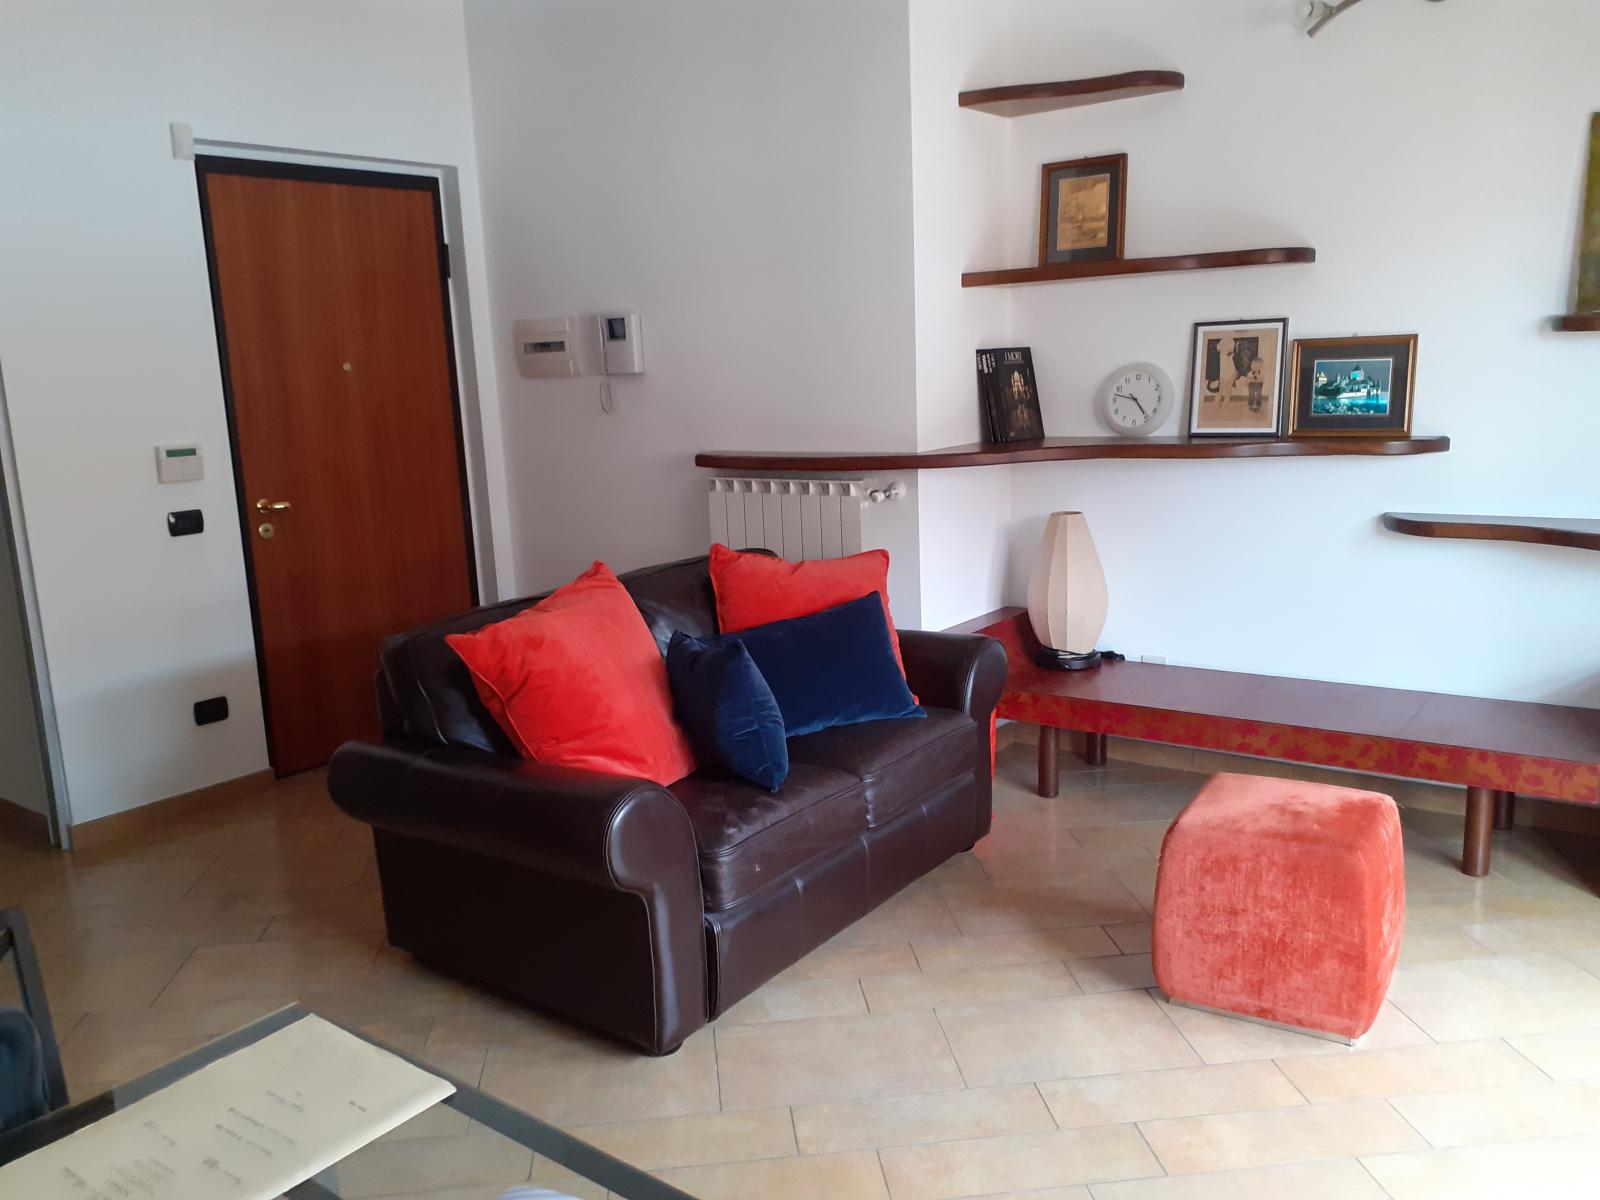 appartamento-in-vendita-bareggio-2-locali-bilocale-spaziourbano-immobiliare-vende-12